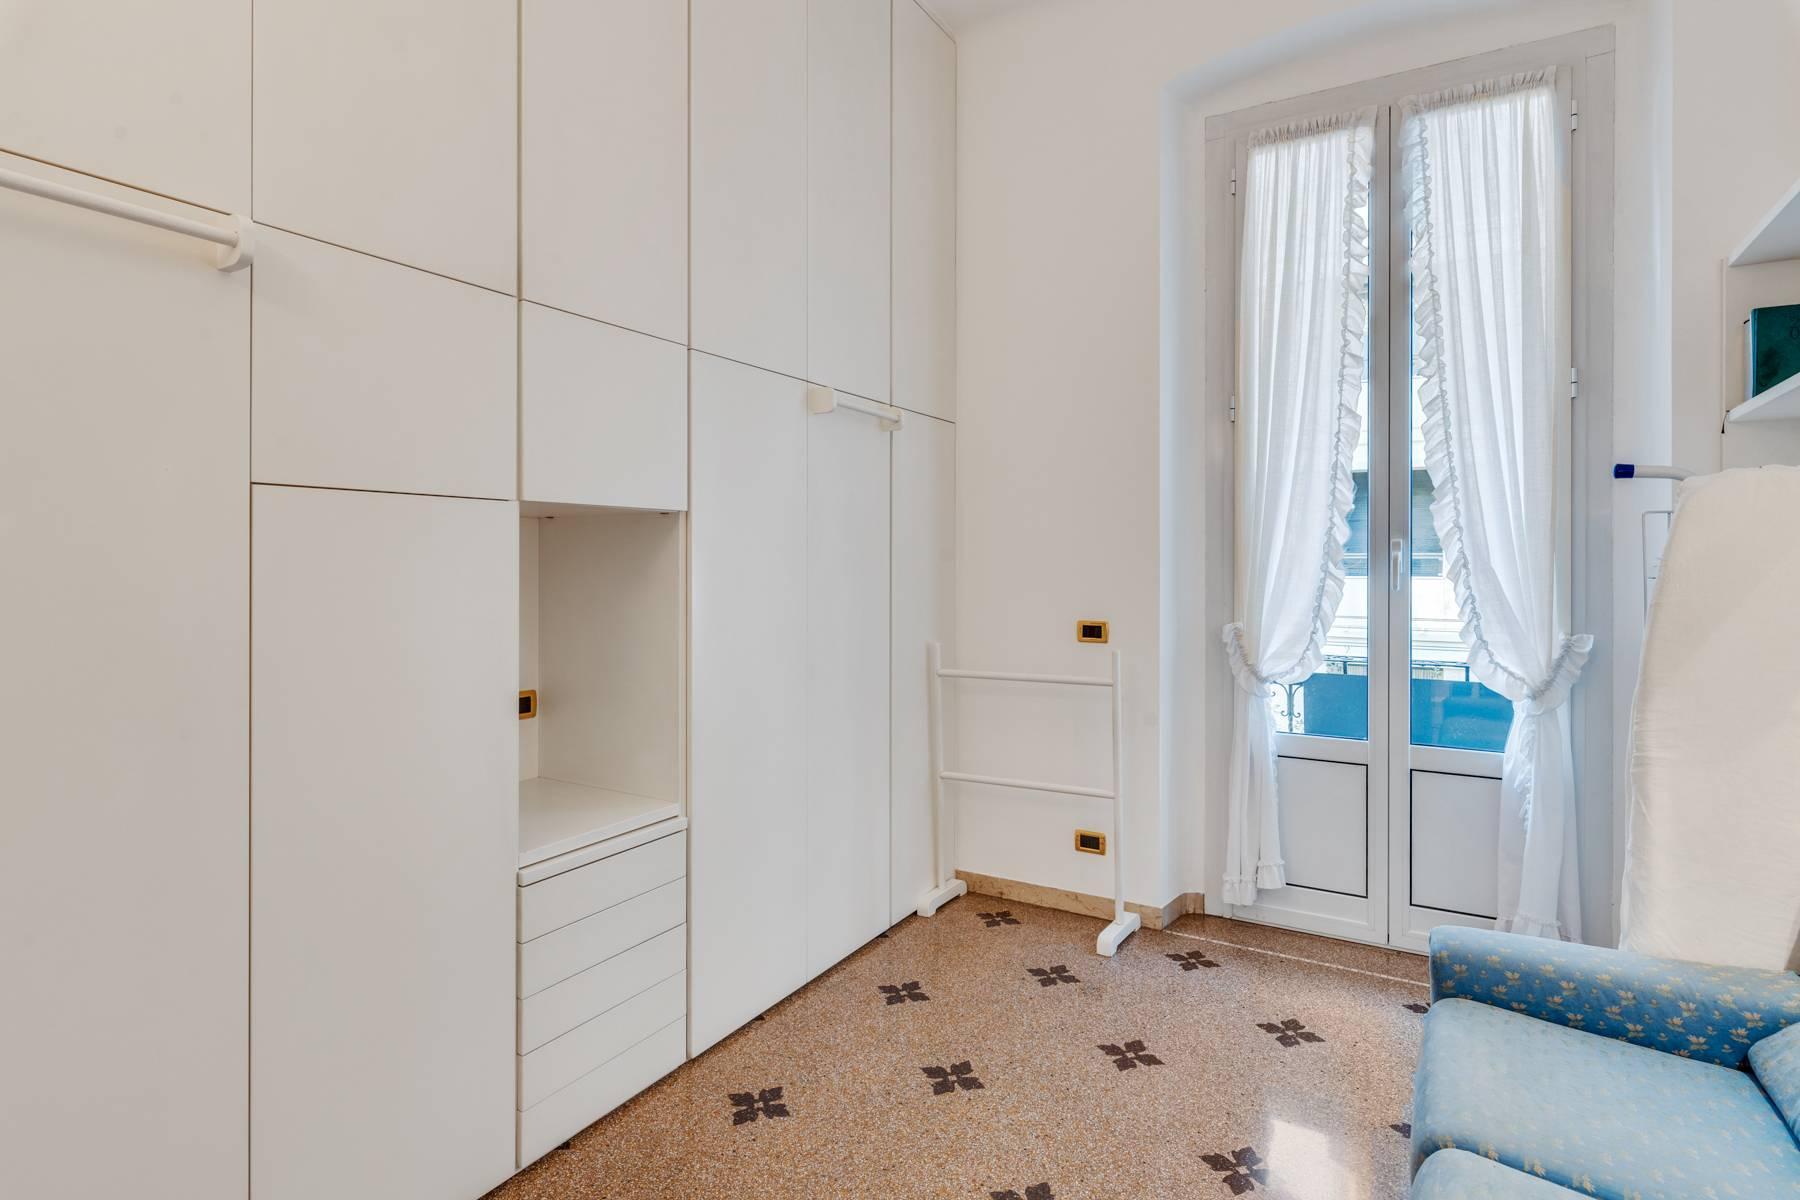 Elegante 275 qm Wohnung im antiken Palast in Carignano - 28